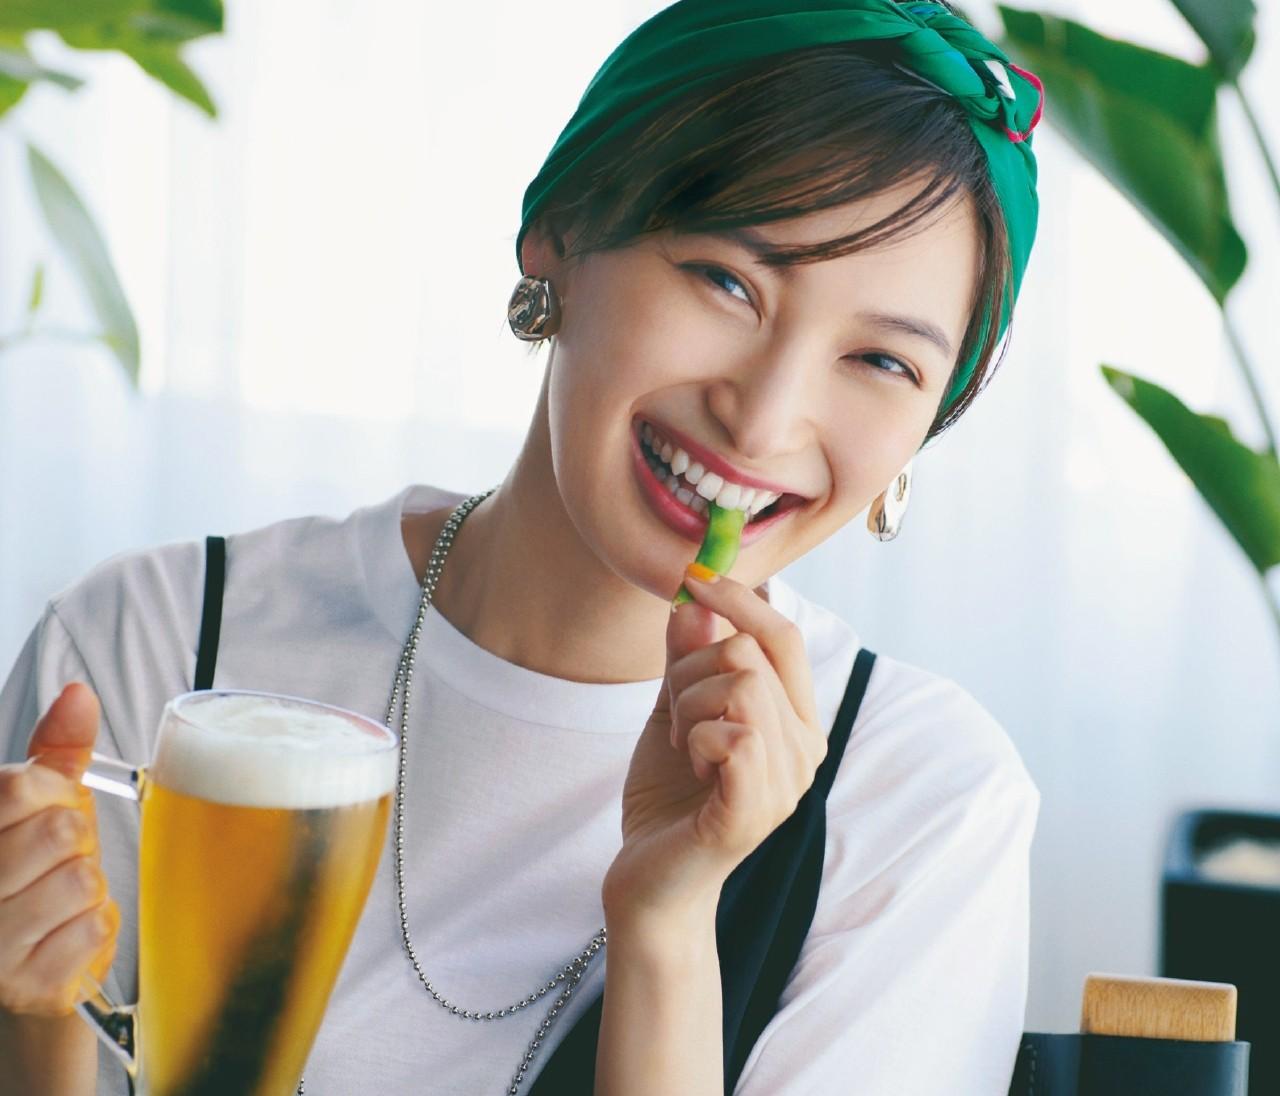 【Zoom映えアクセサリー】女友達と飲むなら大ぶりアクセでセンスのよさをアピール!